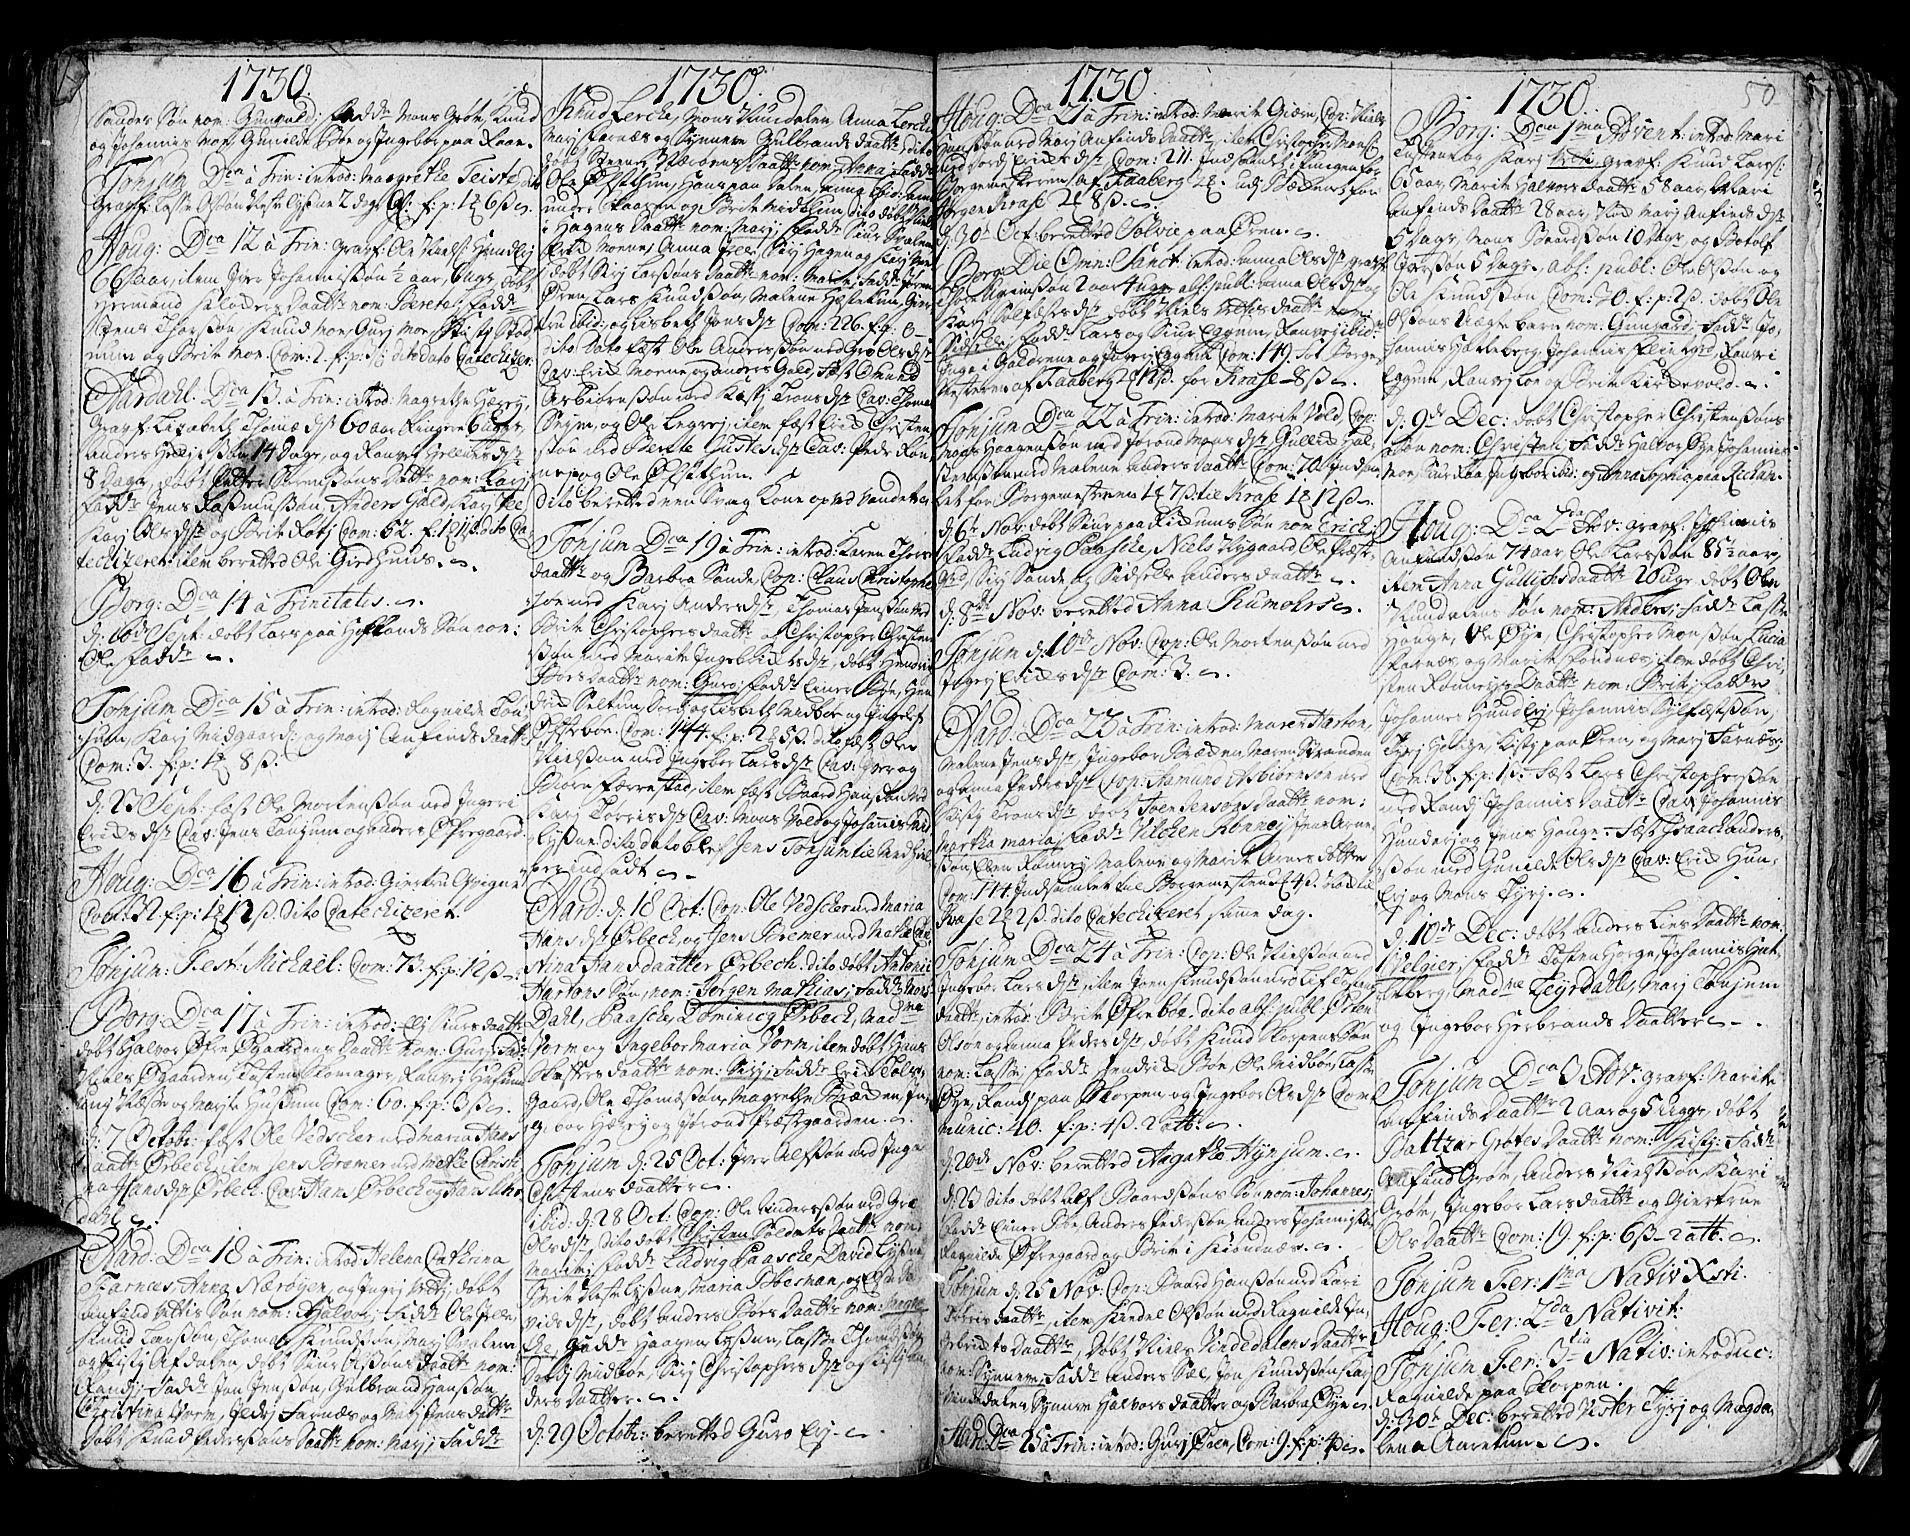 SAB, Lærdal sokneprestembete, Ministerialbok nr. A 1, 1711-1752, s. 50